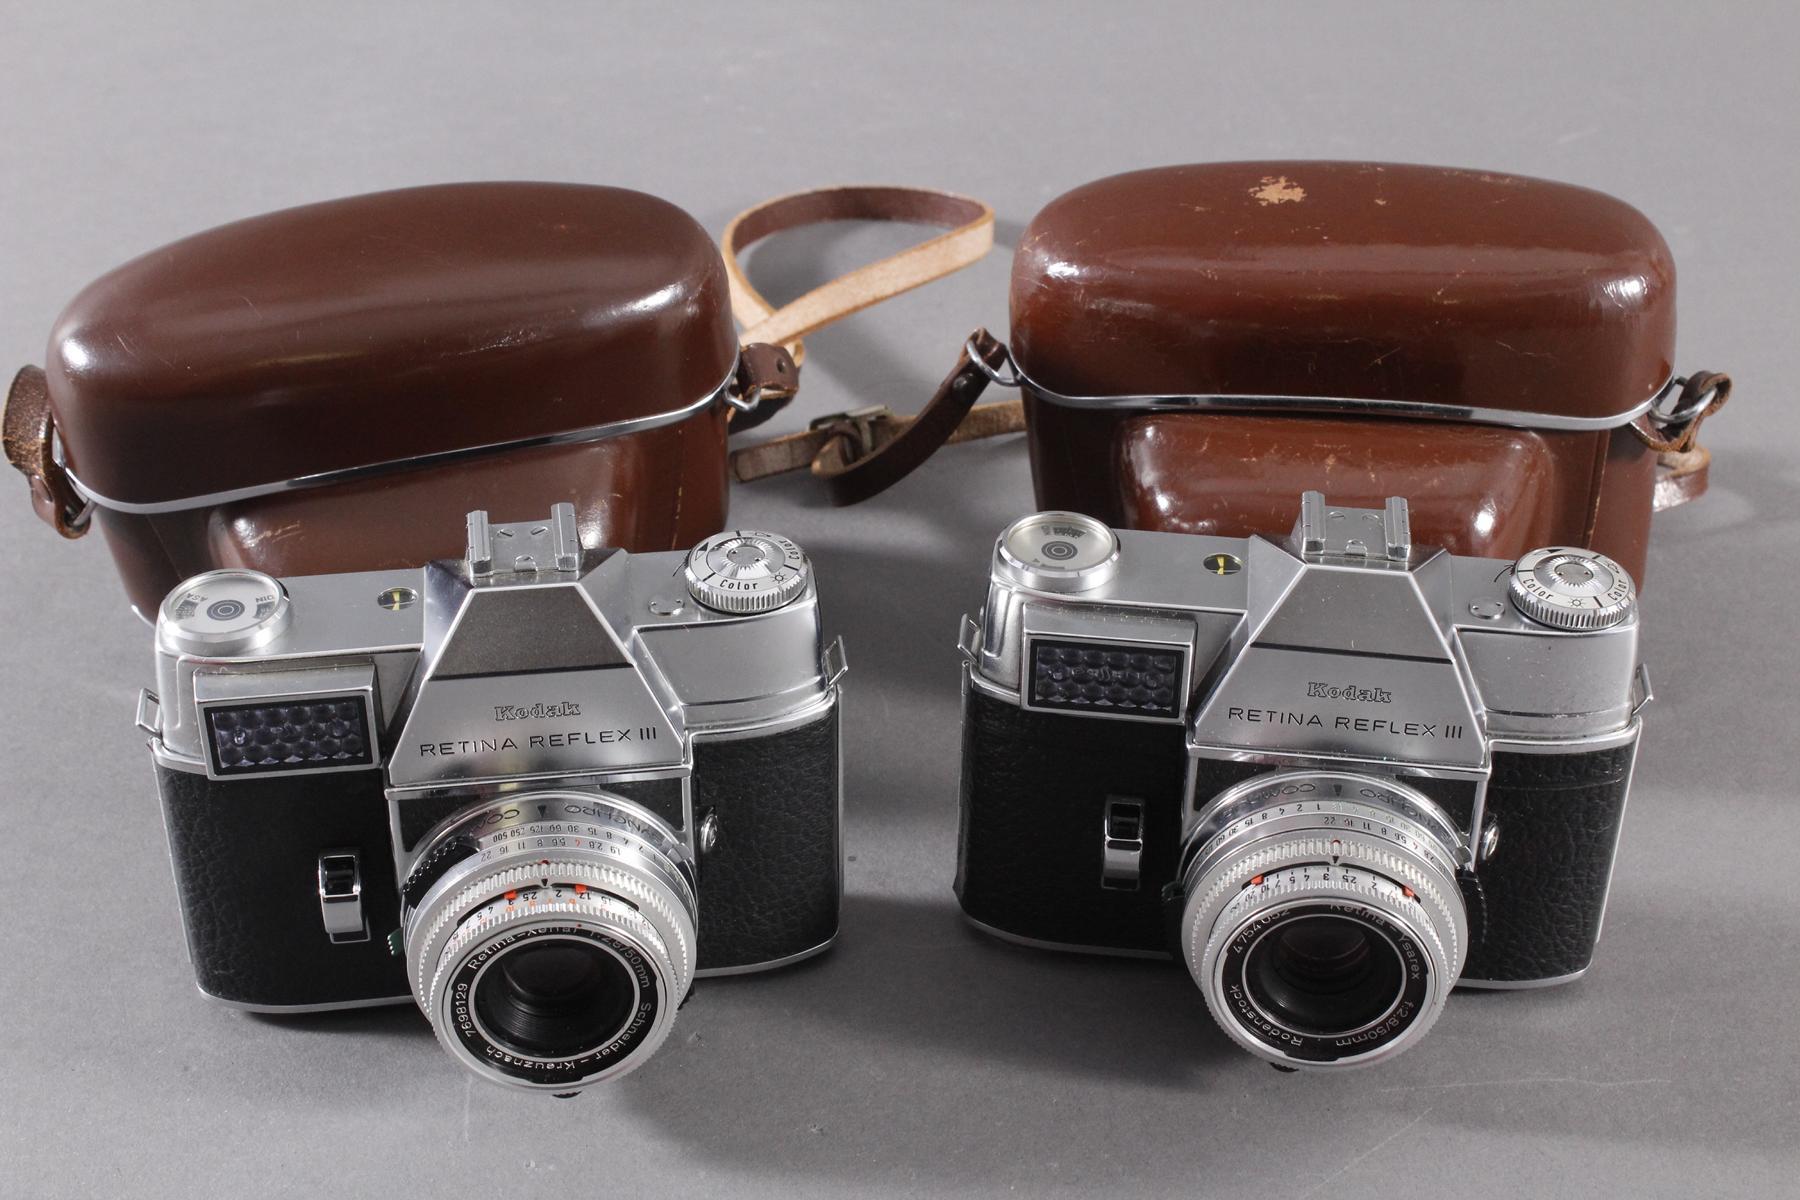 Zwei Fotoapparate/Kameras, Kodak-2